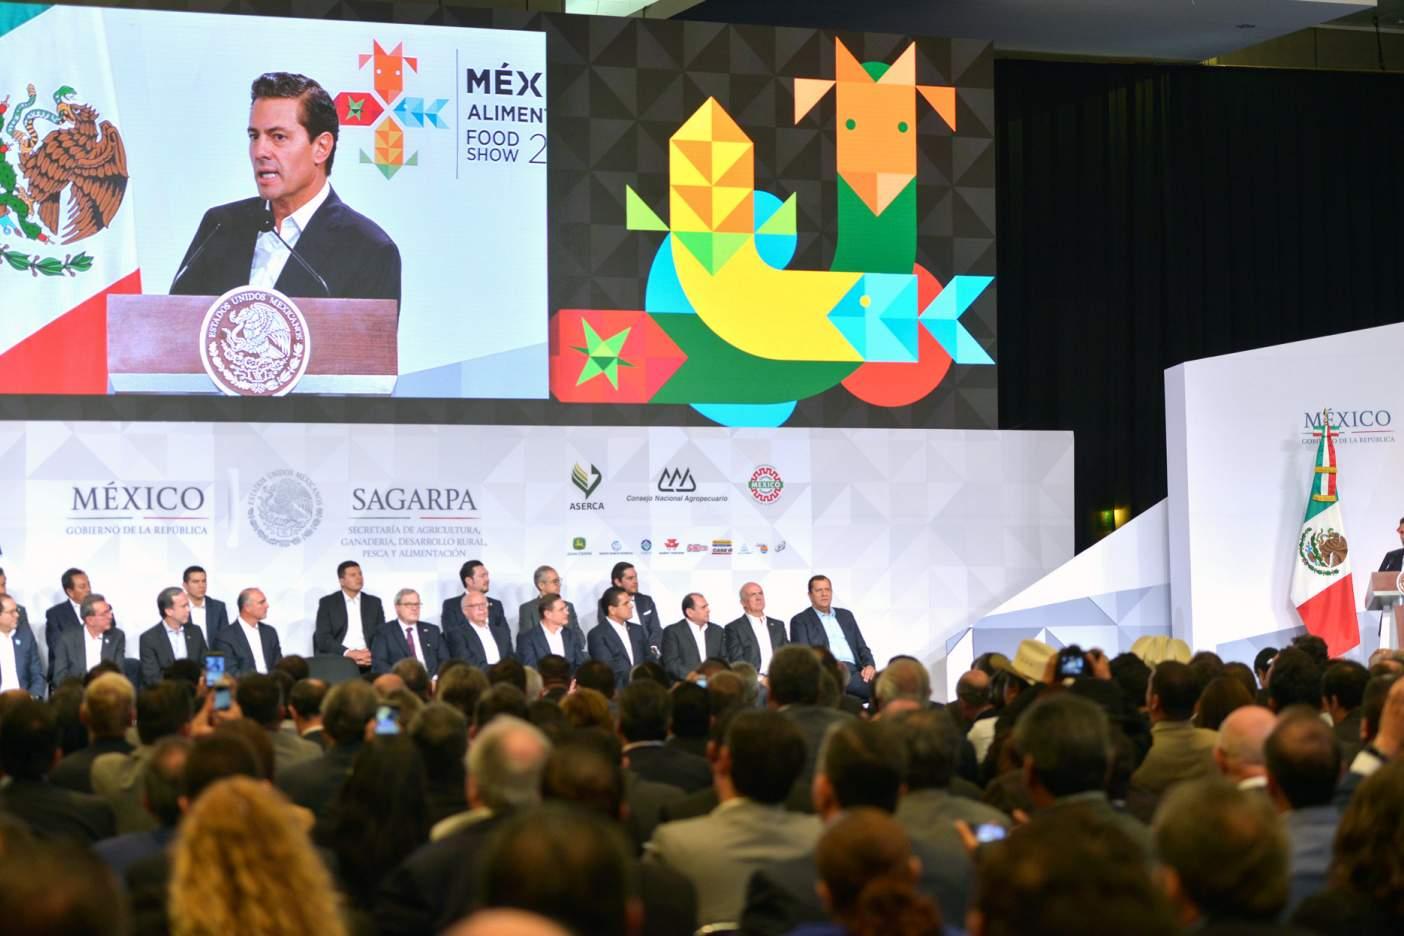 Administración de Peña Nieto será recordada por apoyo a mujeres y jóvenes